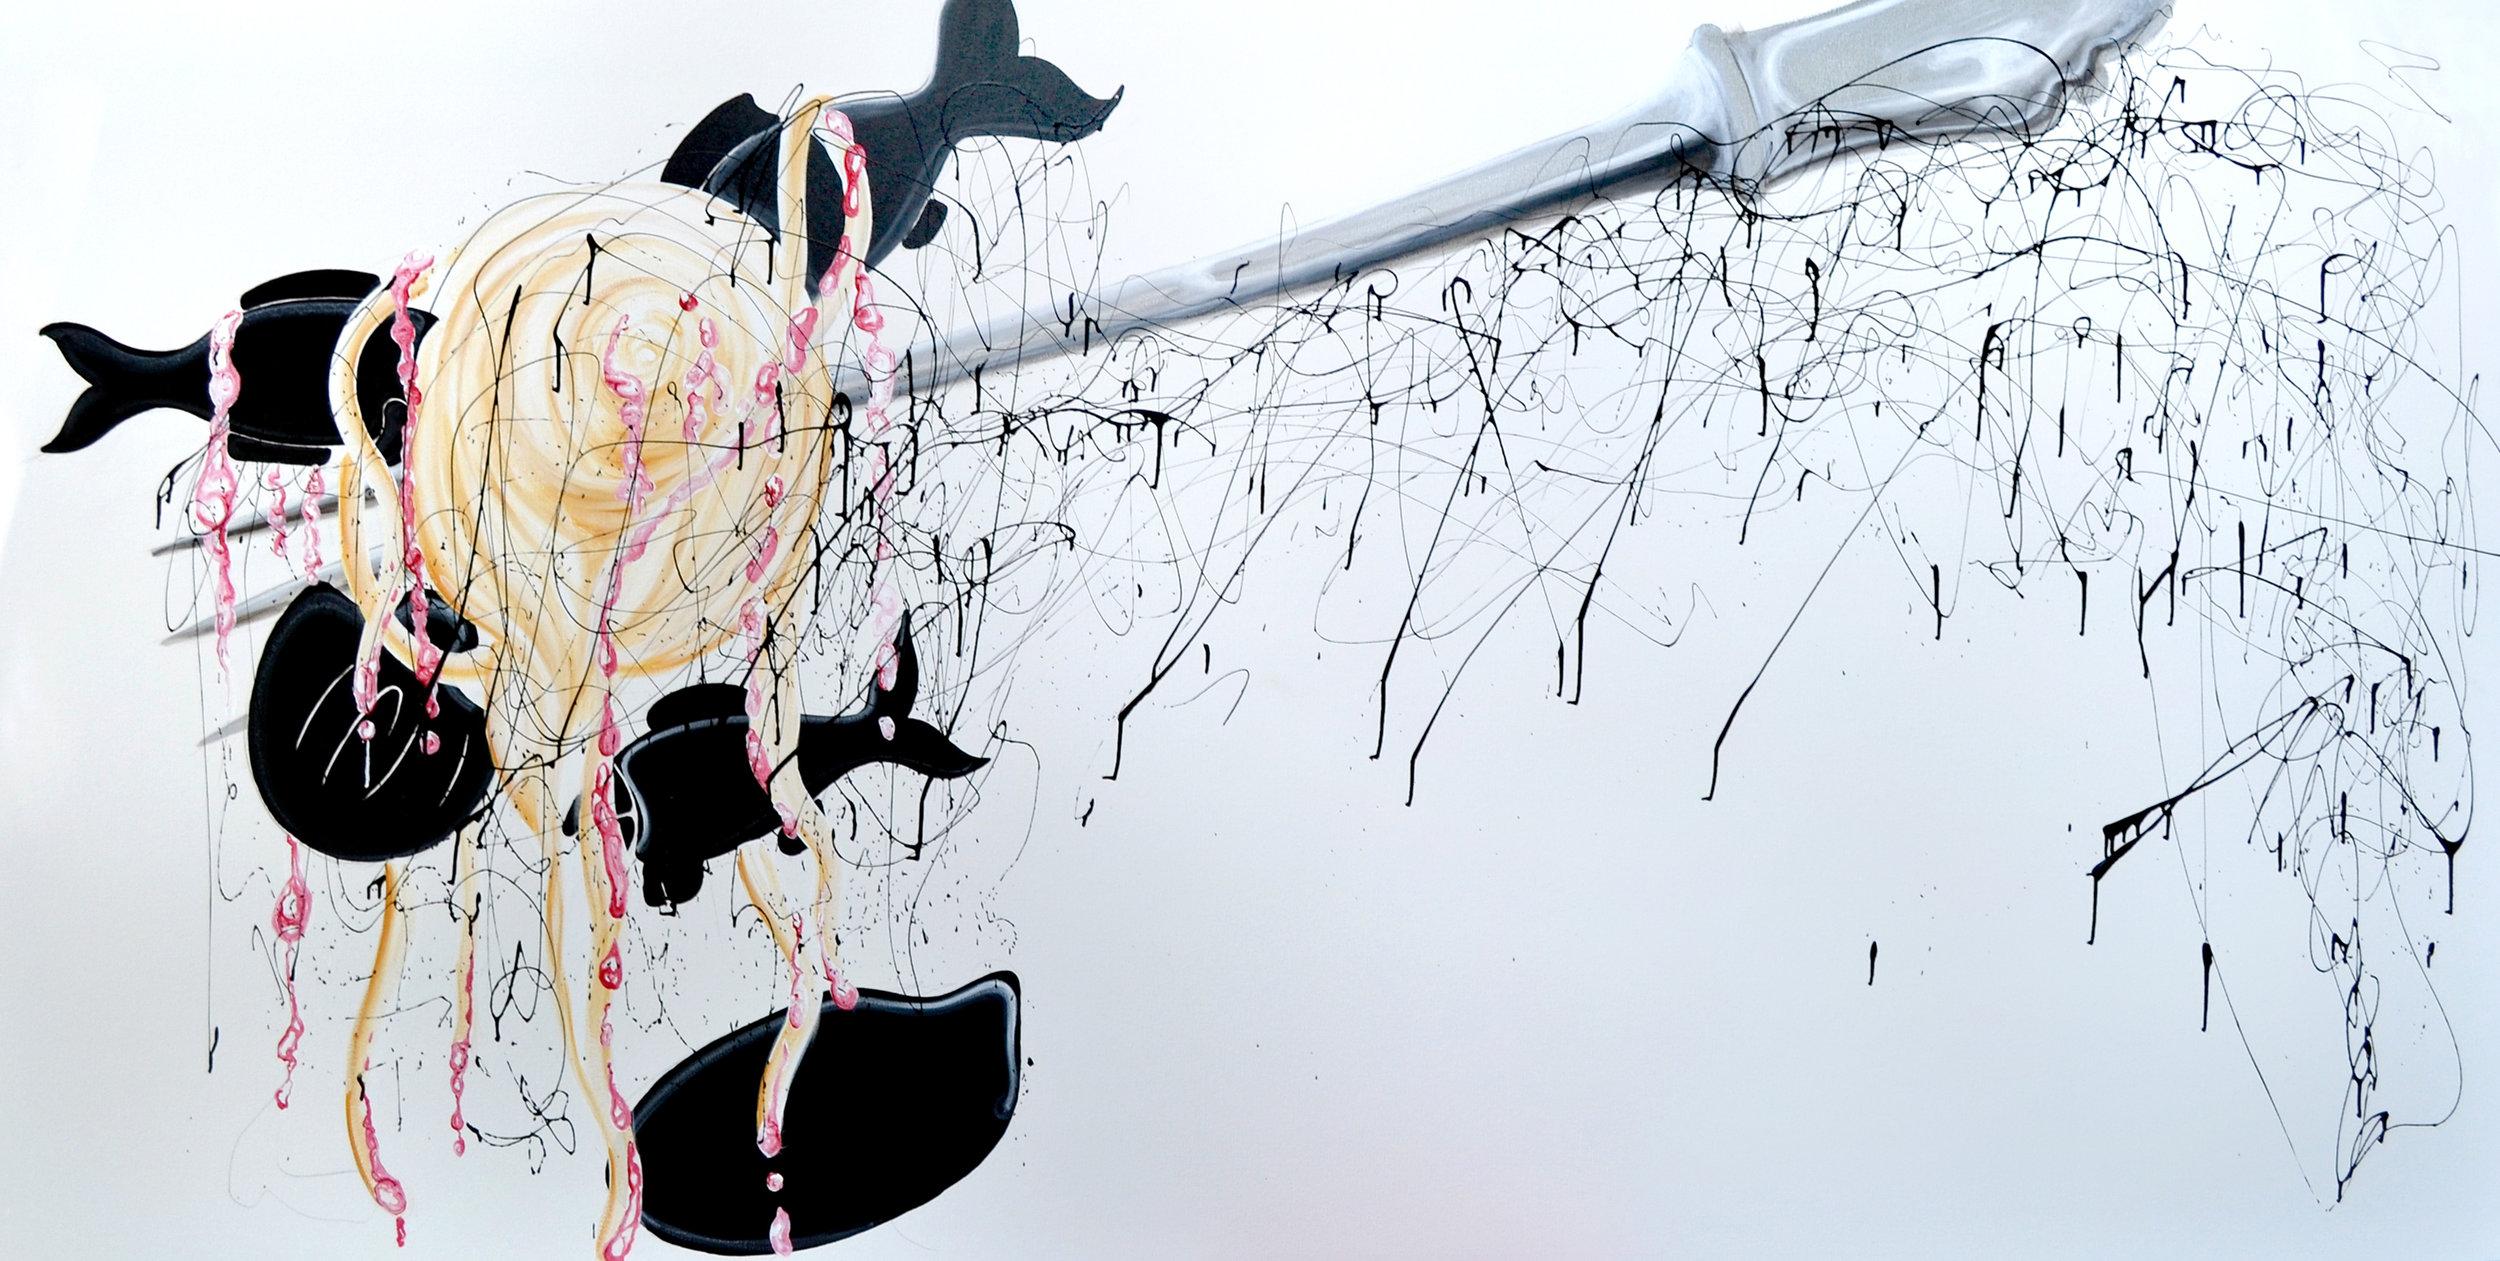 paintings5-12 044.jpg